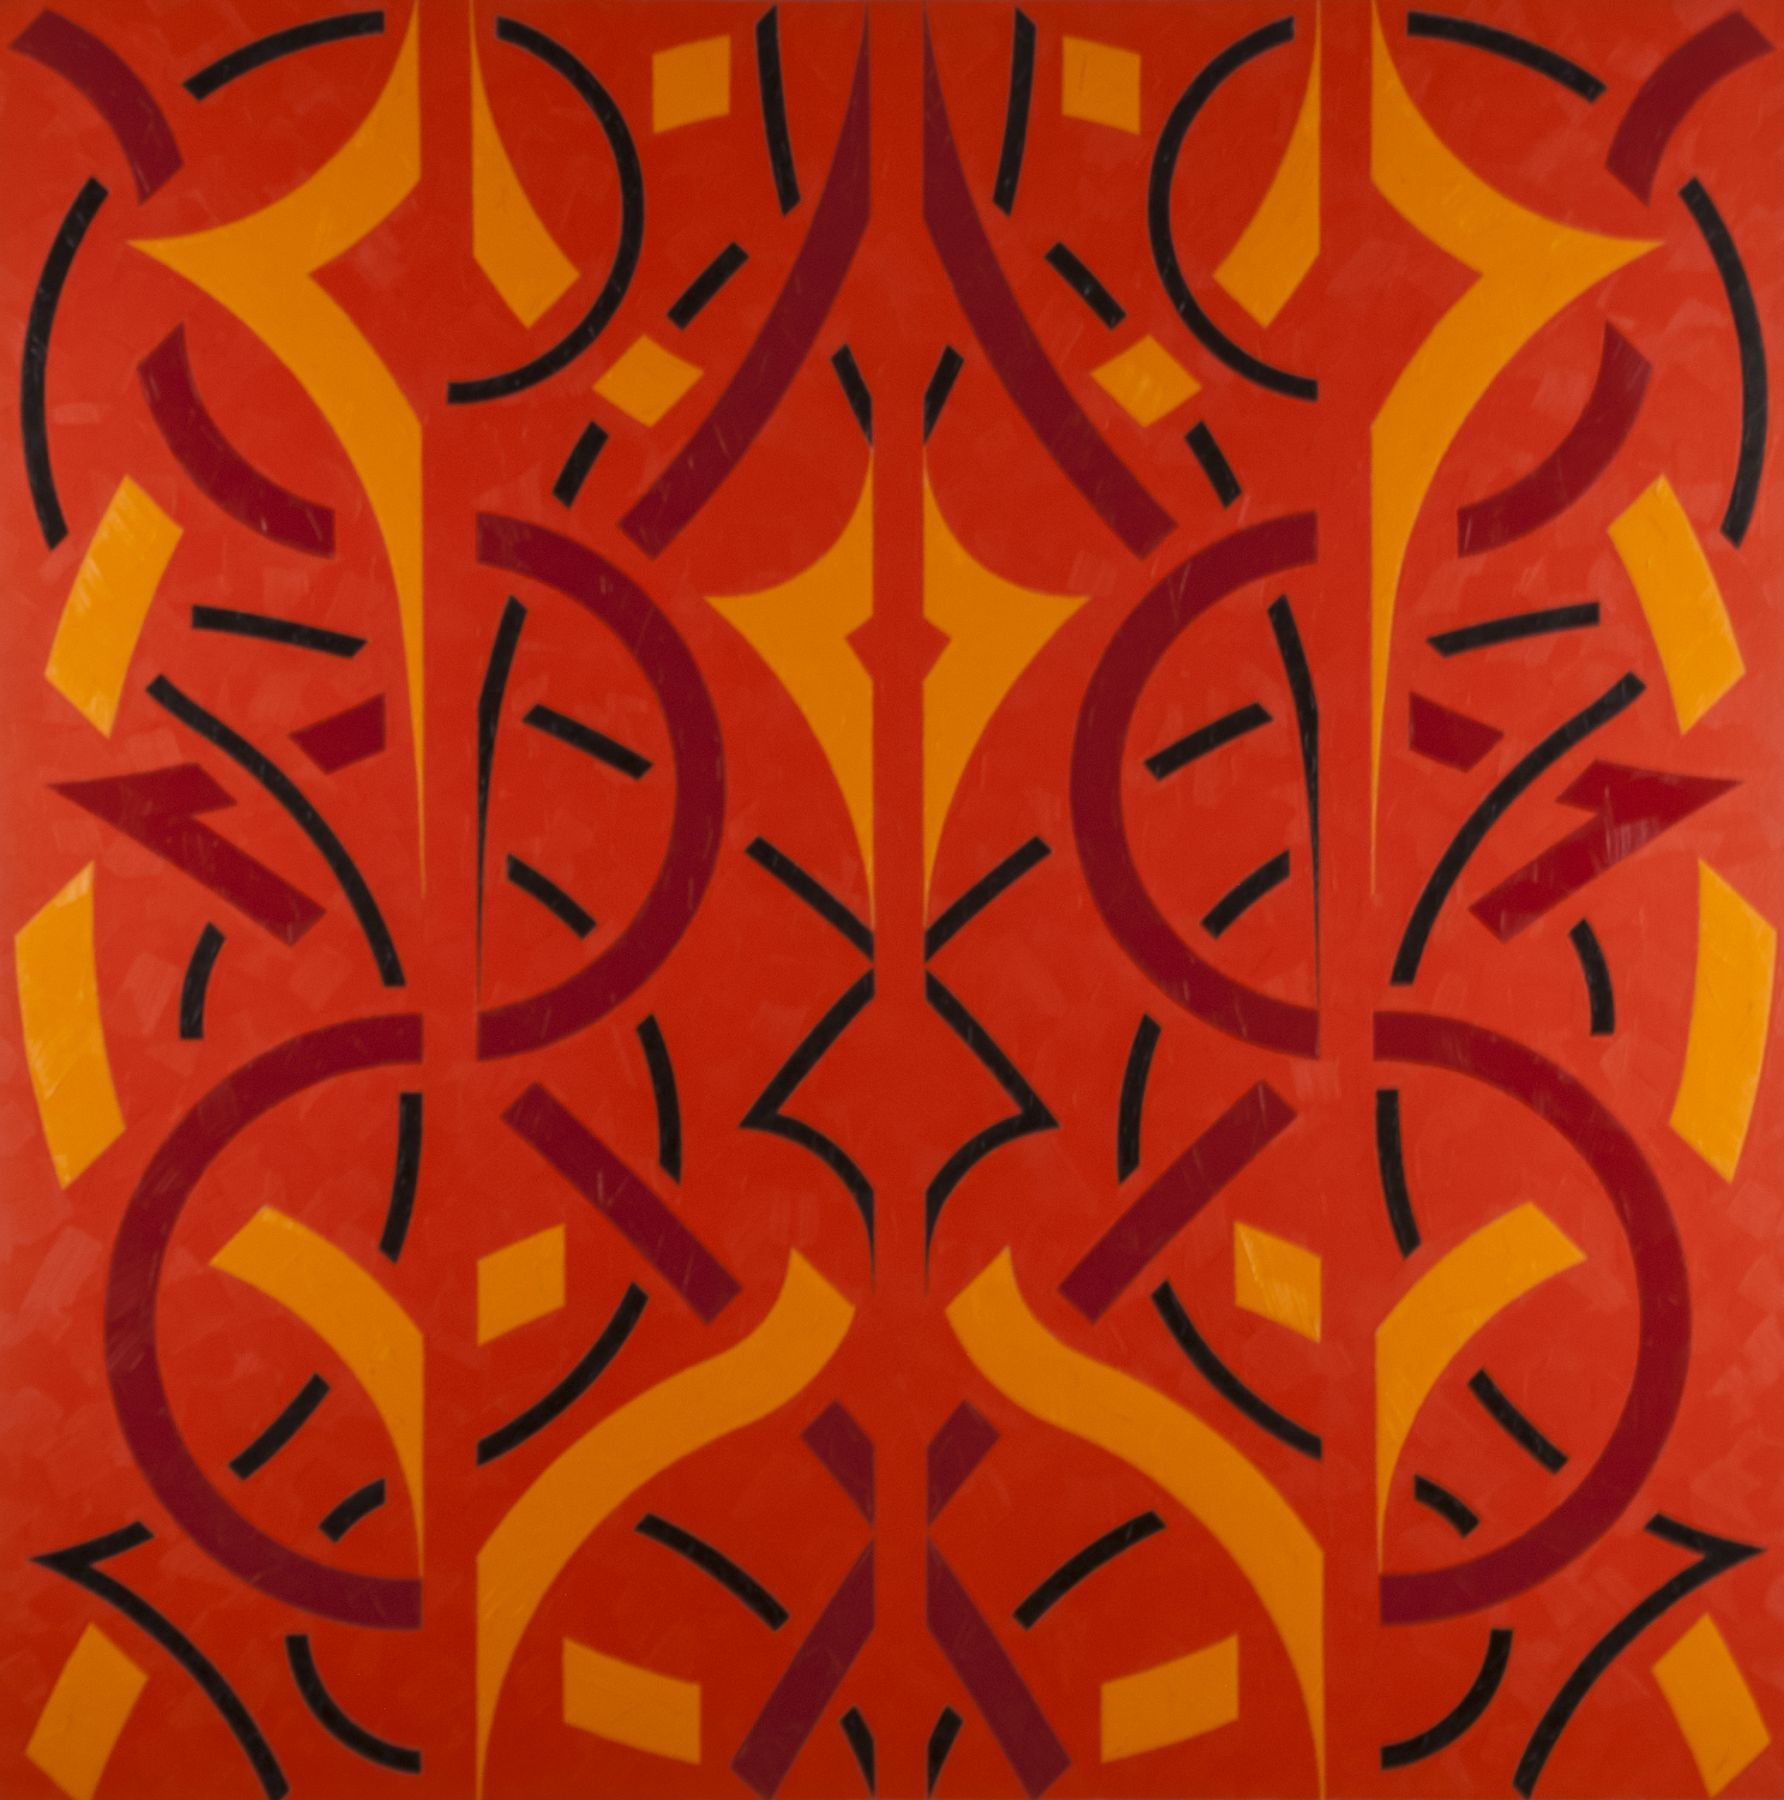 Valerie Jaudon Heart of the Matter, 2005